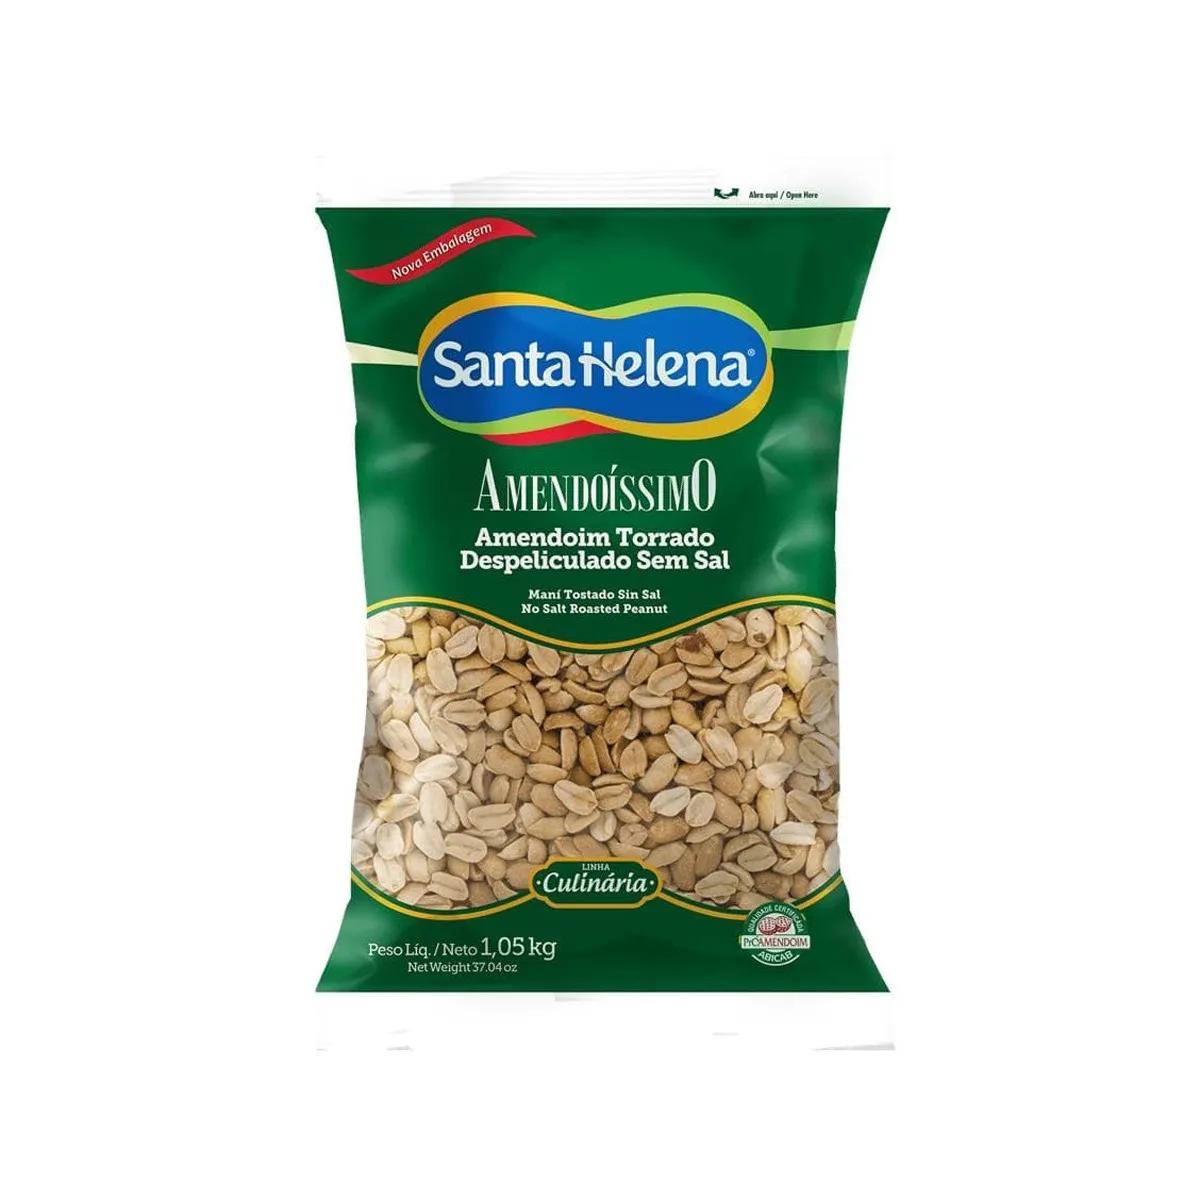 Amendoim Torrado Despeliculado Sem Sal Amendoíssimo 1,05kg - Santa Helena